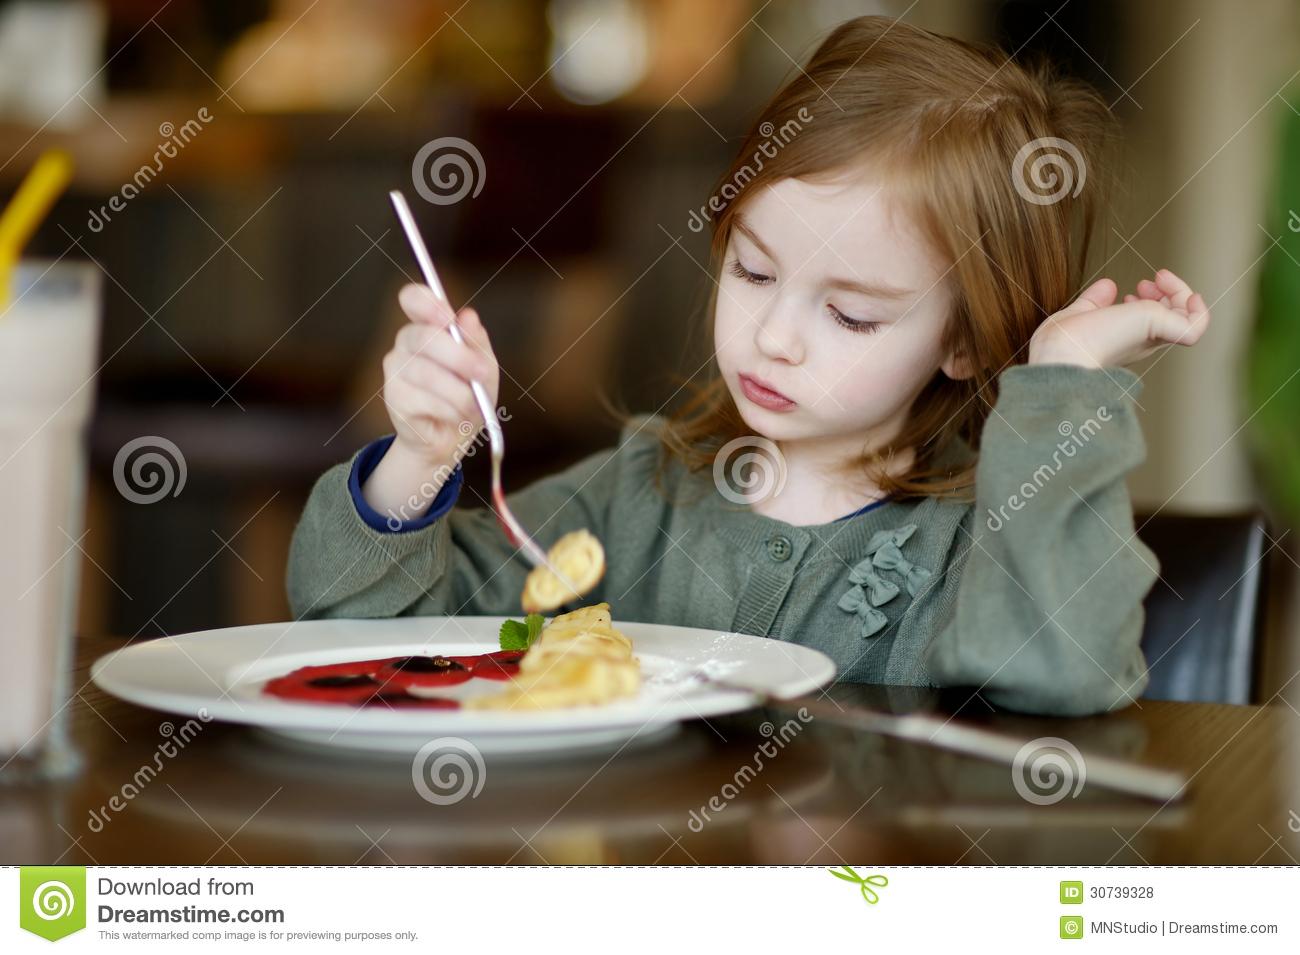 Little Girl Eating Pancakes